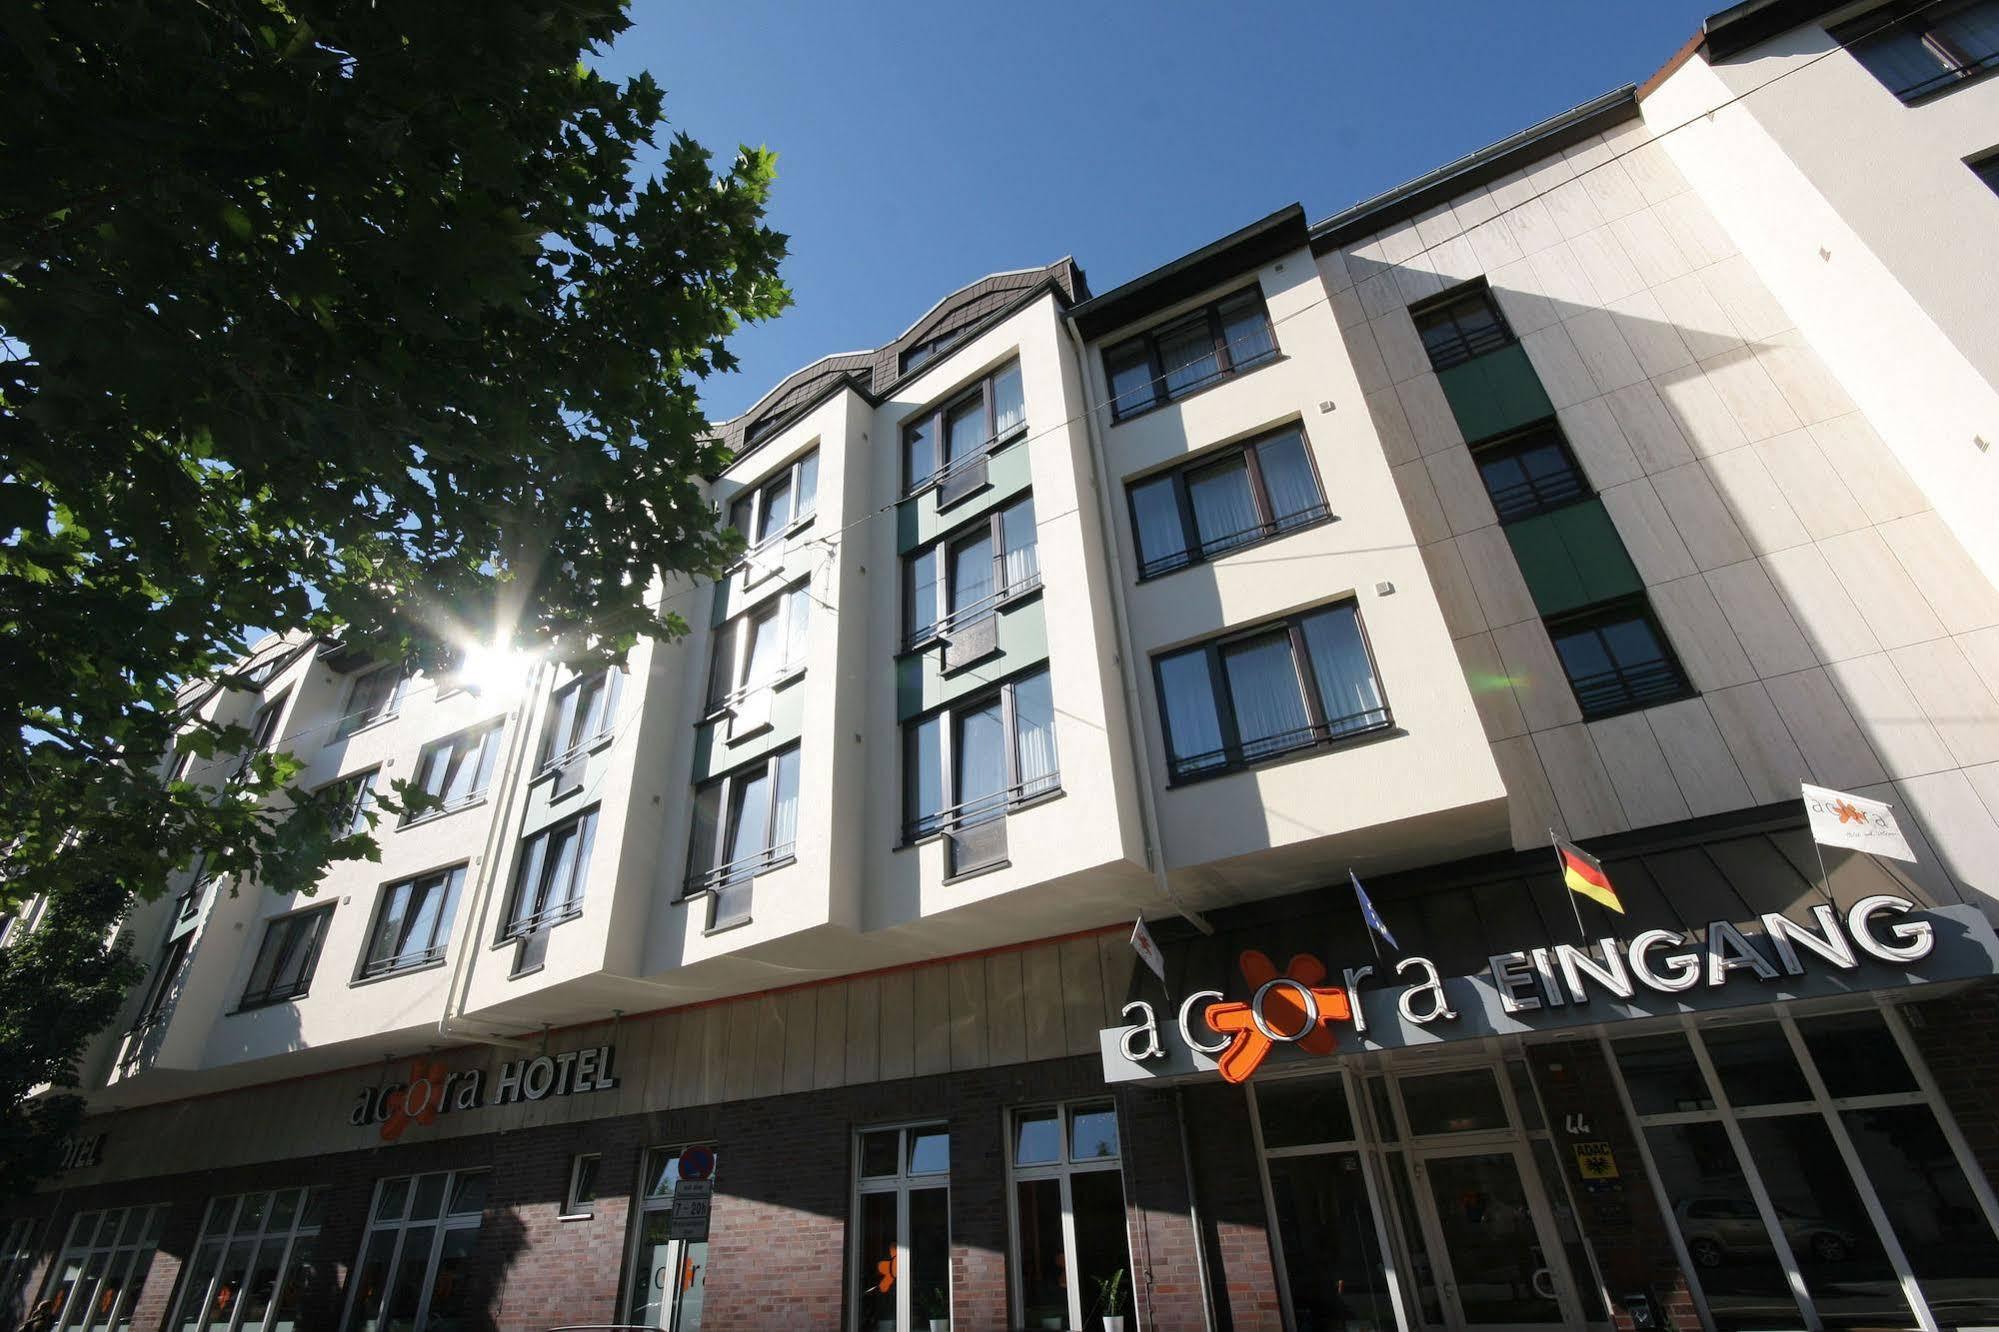 cazare la Acora Hotel Und Wohnen